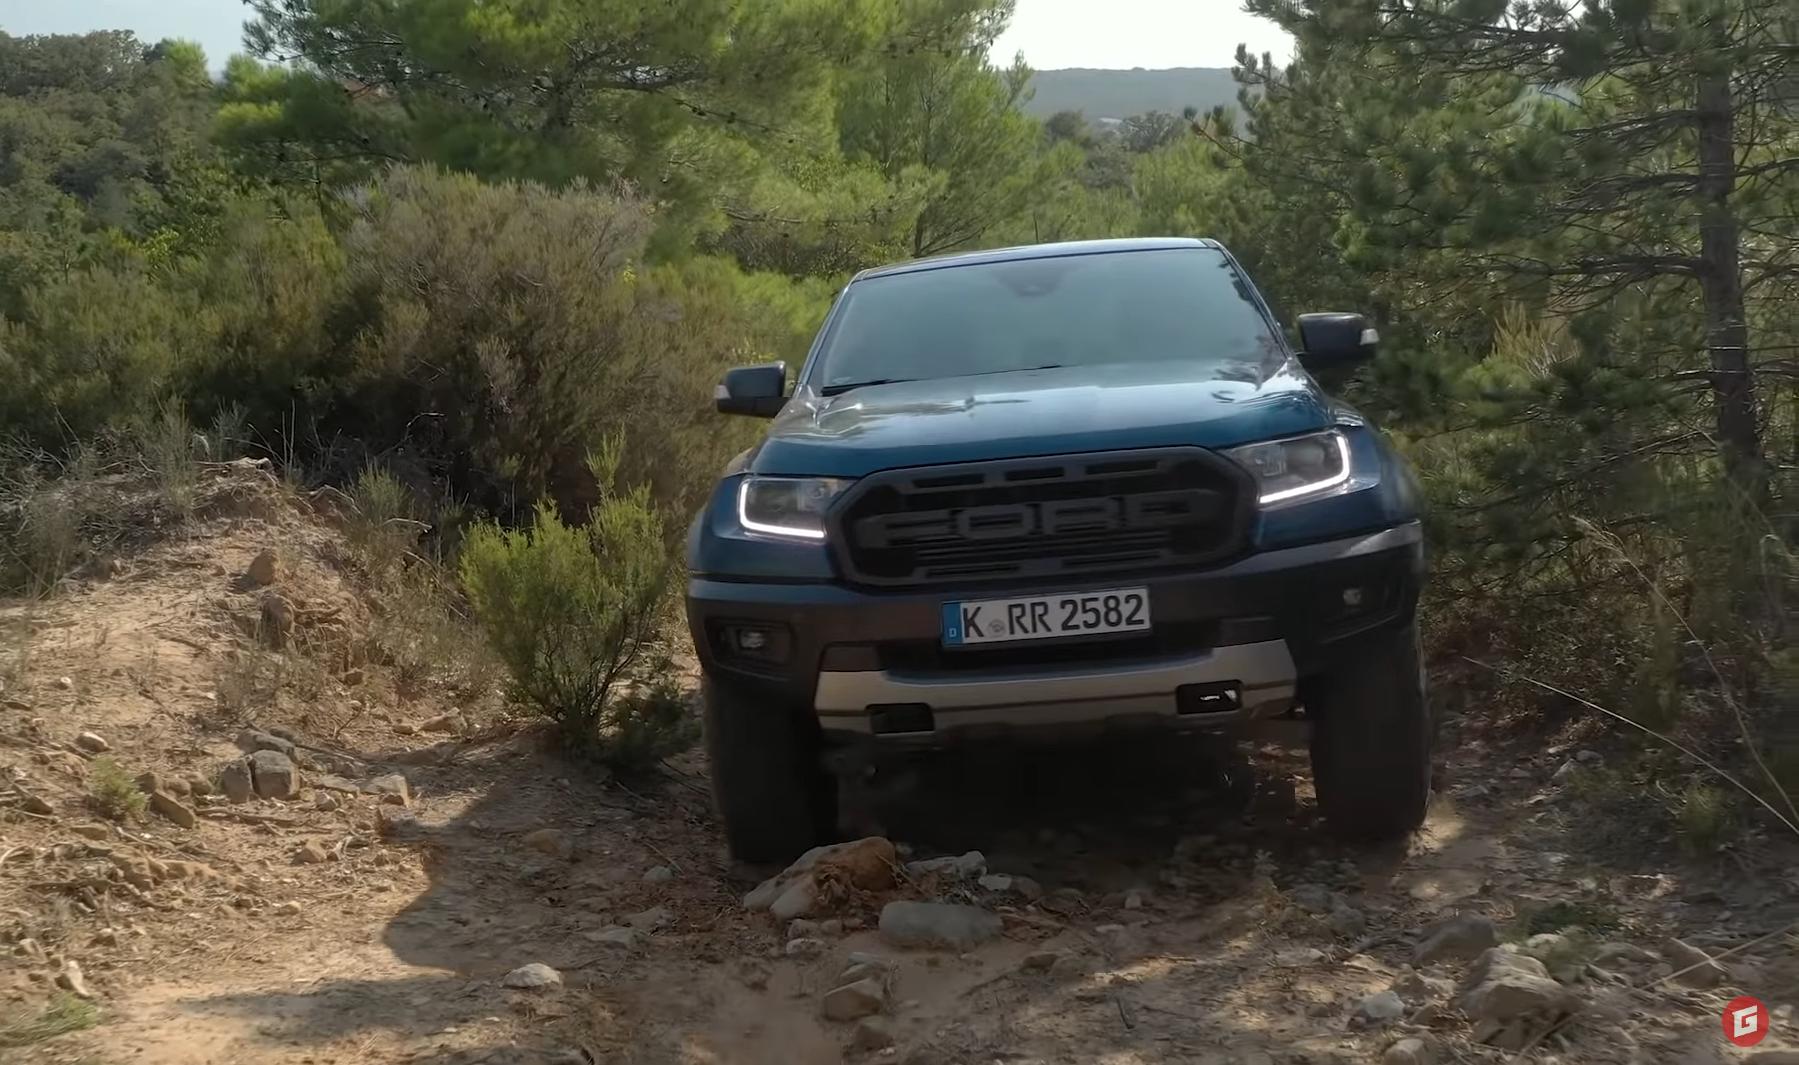 Prvá jazda Ford Ranger Raptor: Perfektne zatajuje svoje rozmery